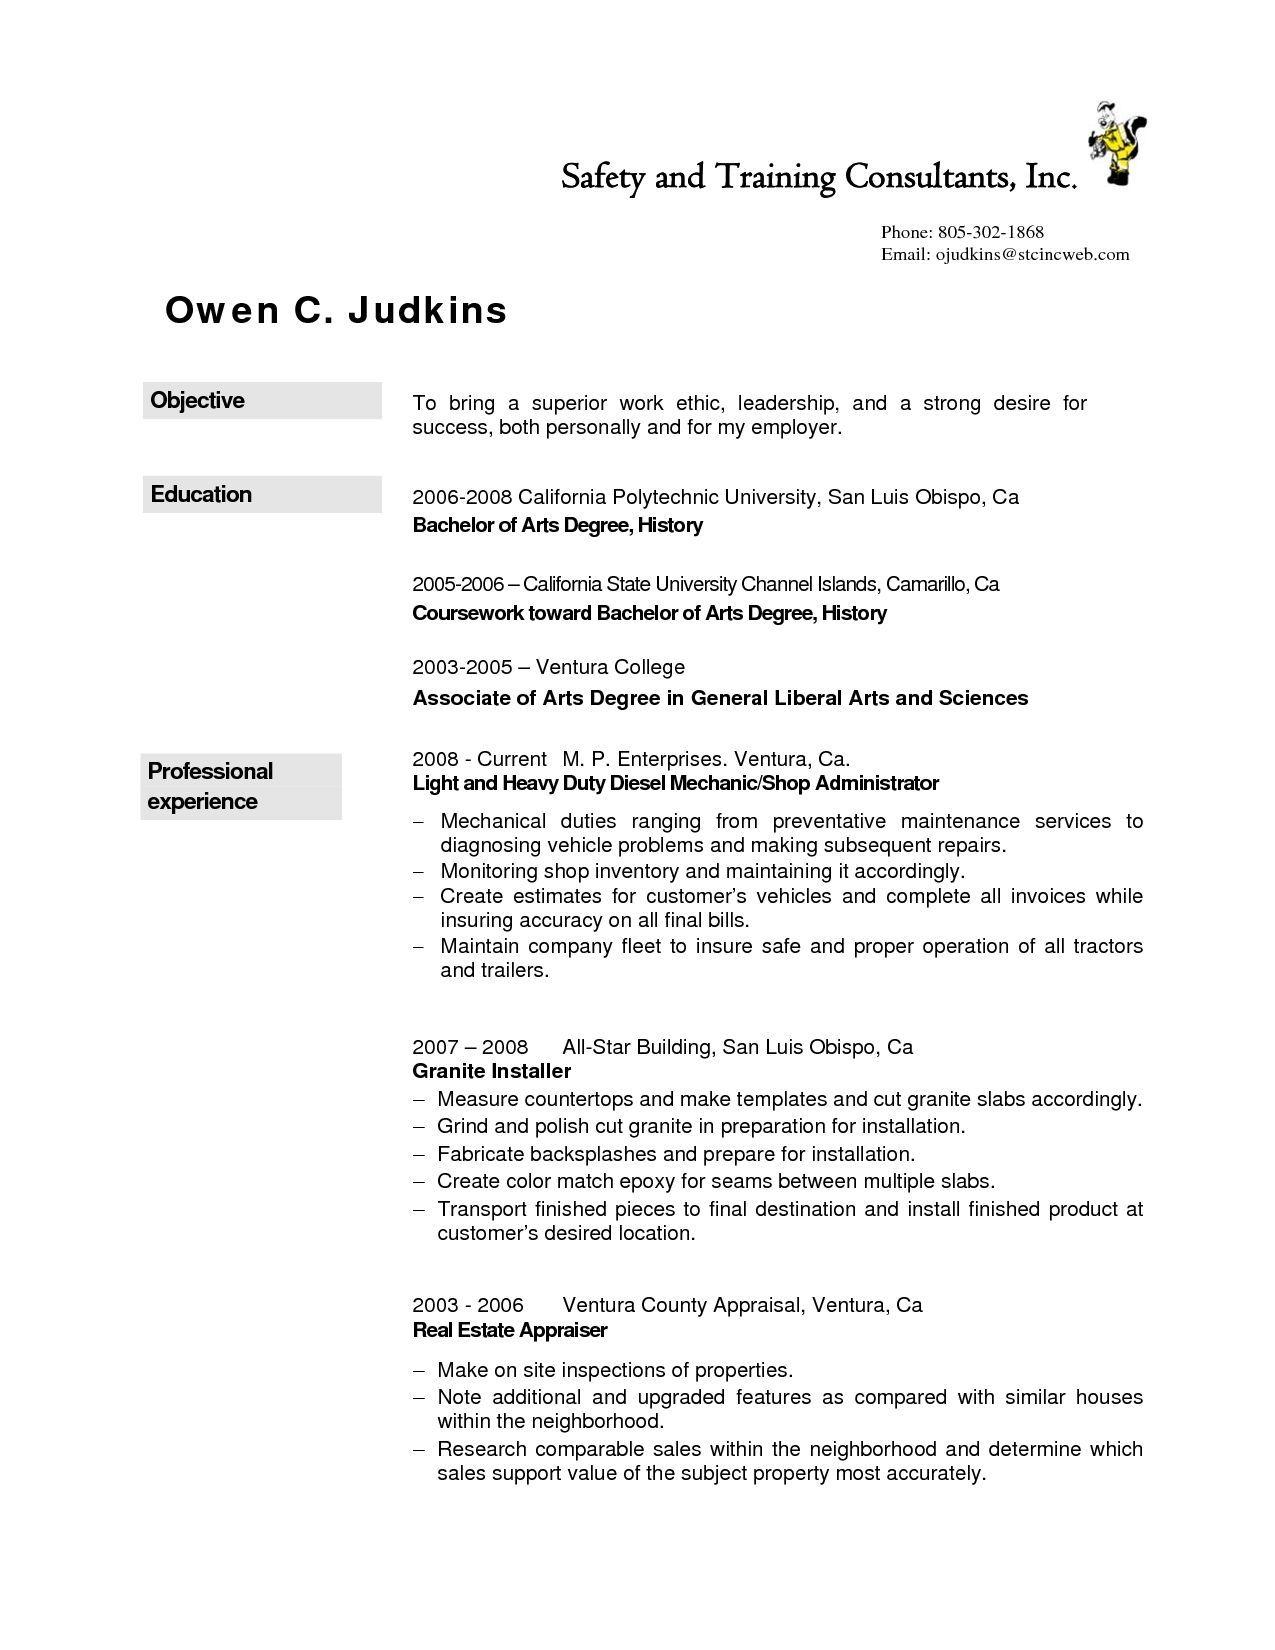 resume examples diesel mechanic diesel examples mechanic resume resumeexamples - Diesel Mechanic Resume